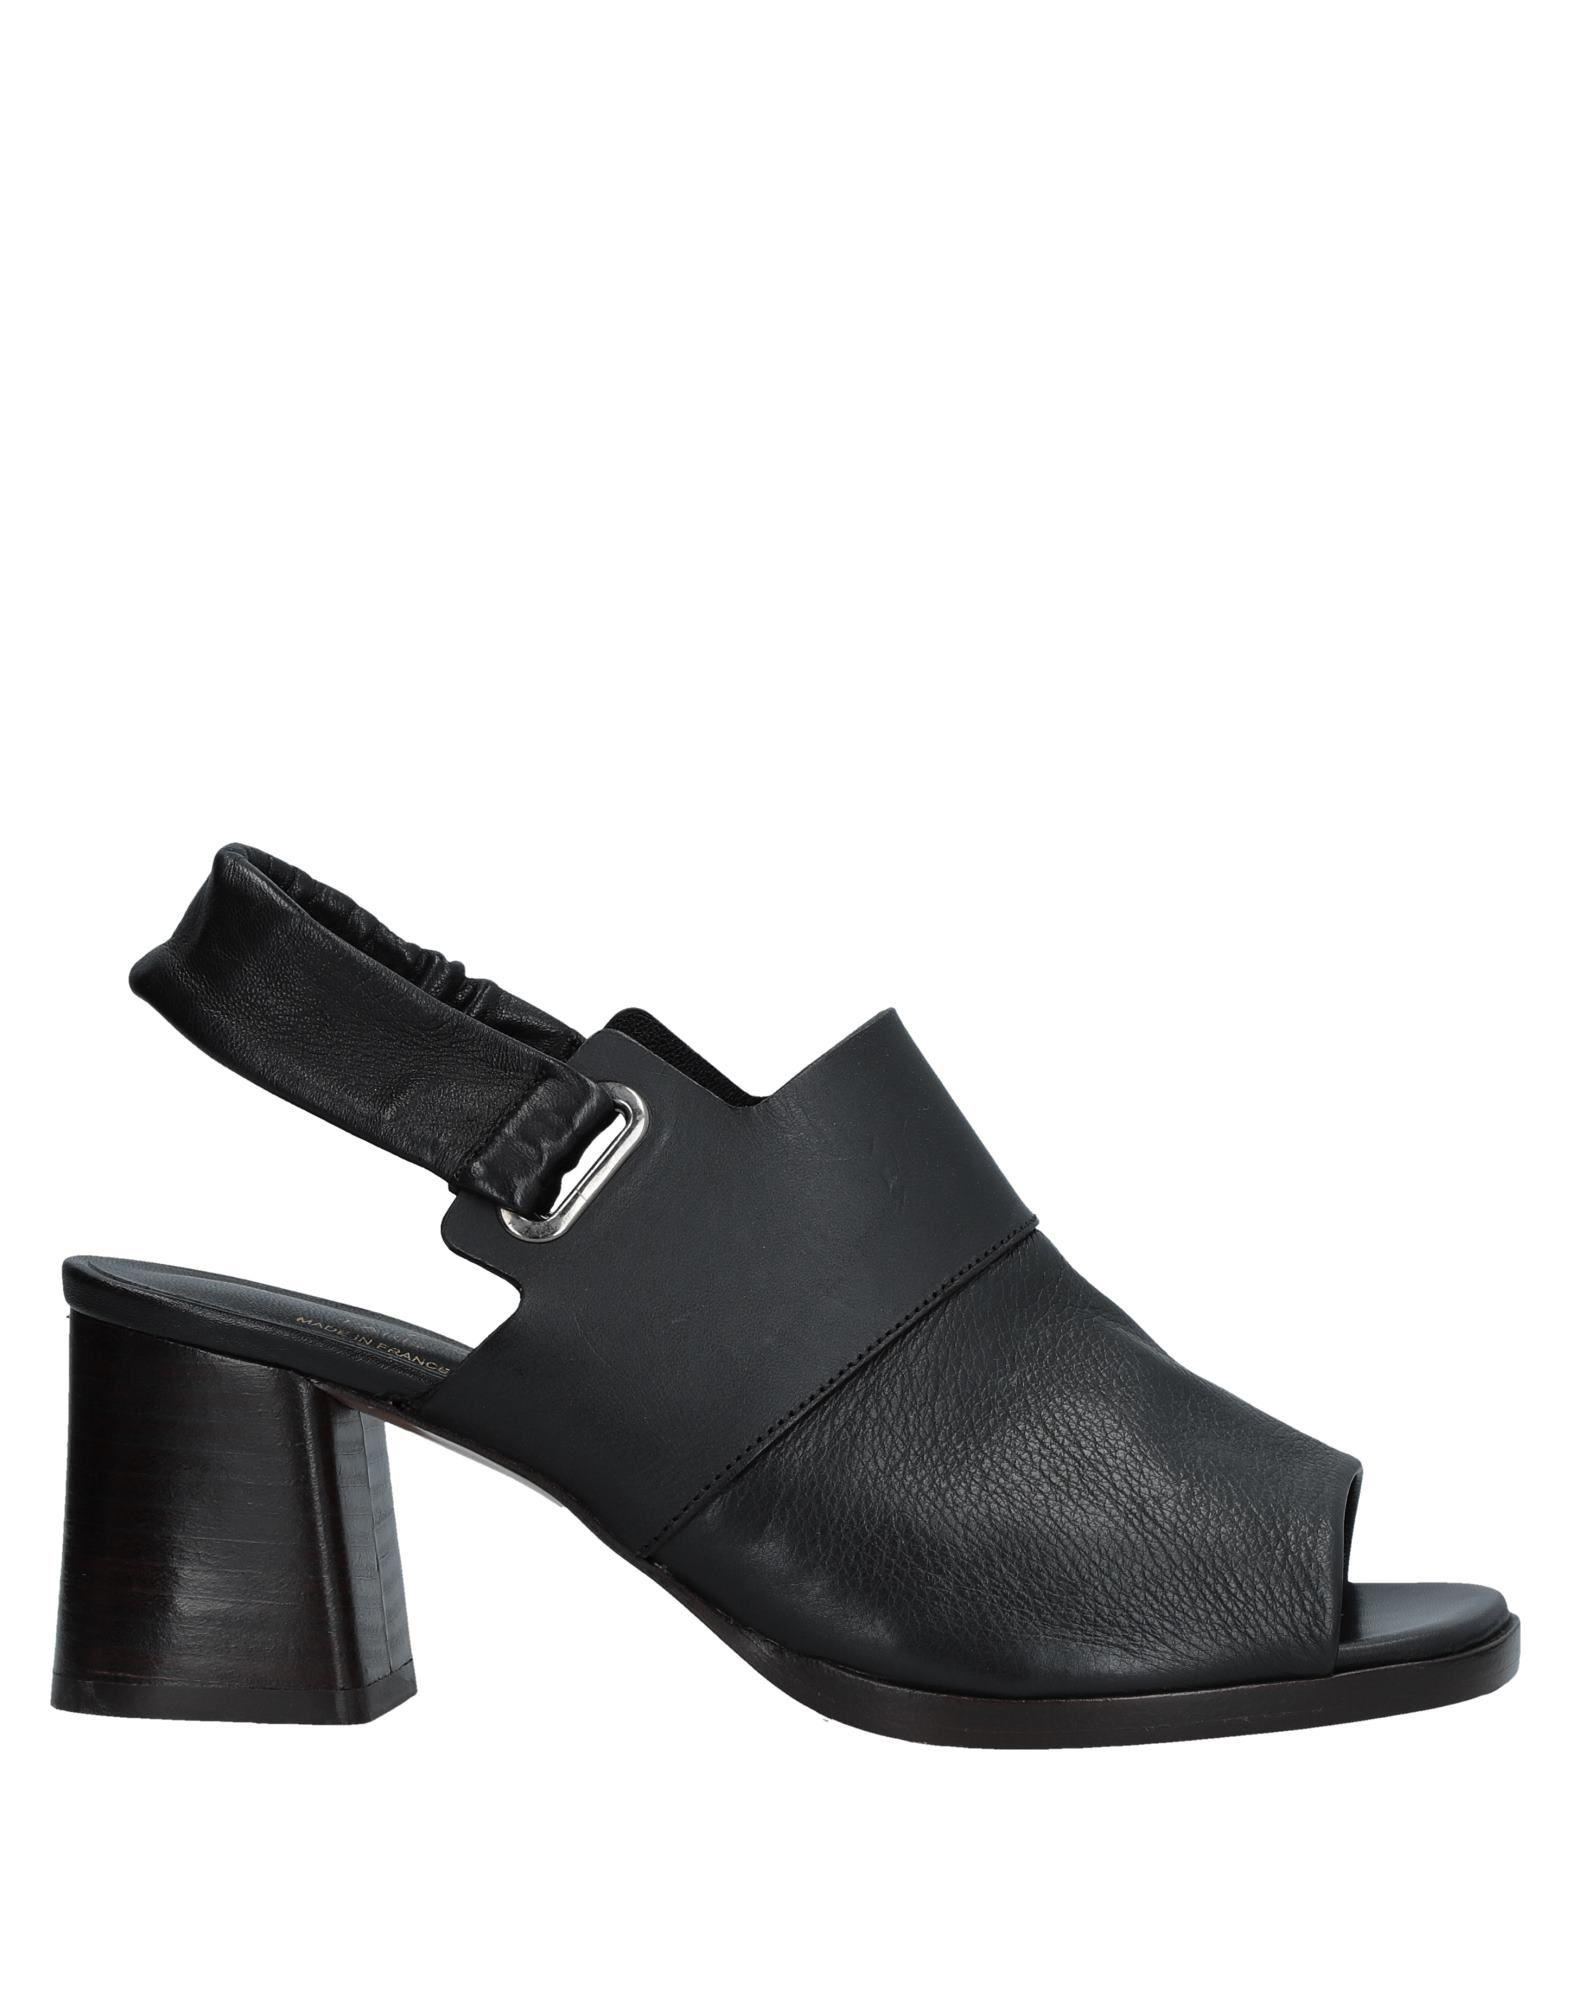 Rabatt Schuhe Robert Clergerie Sandalen 11542086NC Damen  11542086NC Sandalen 0a5d64